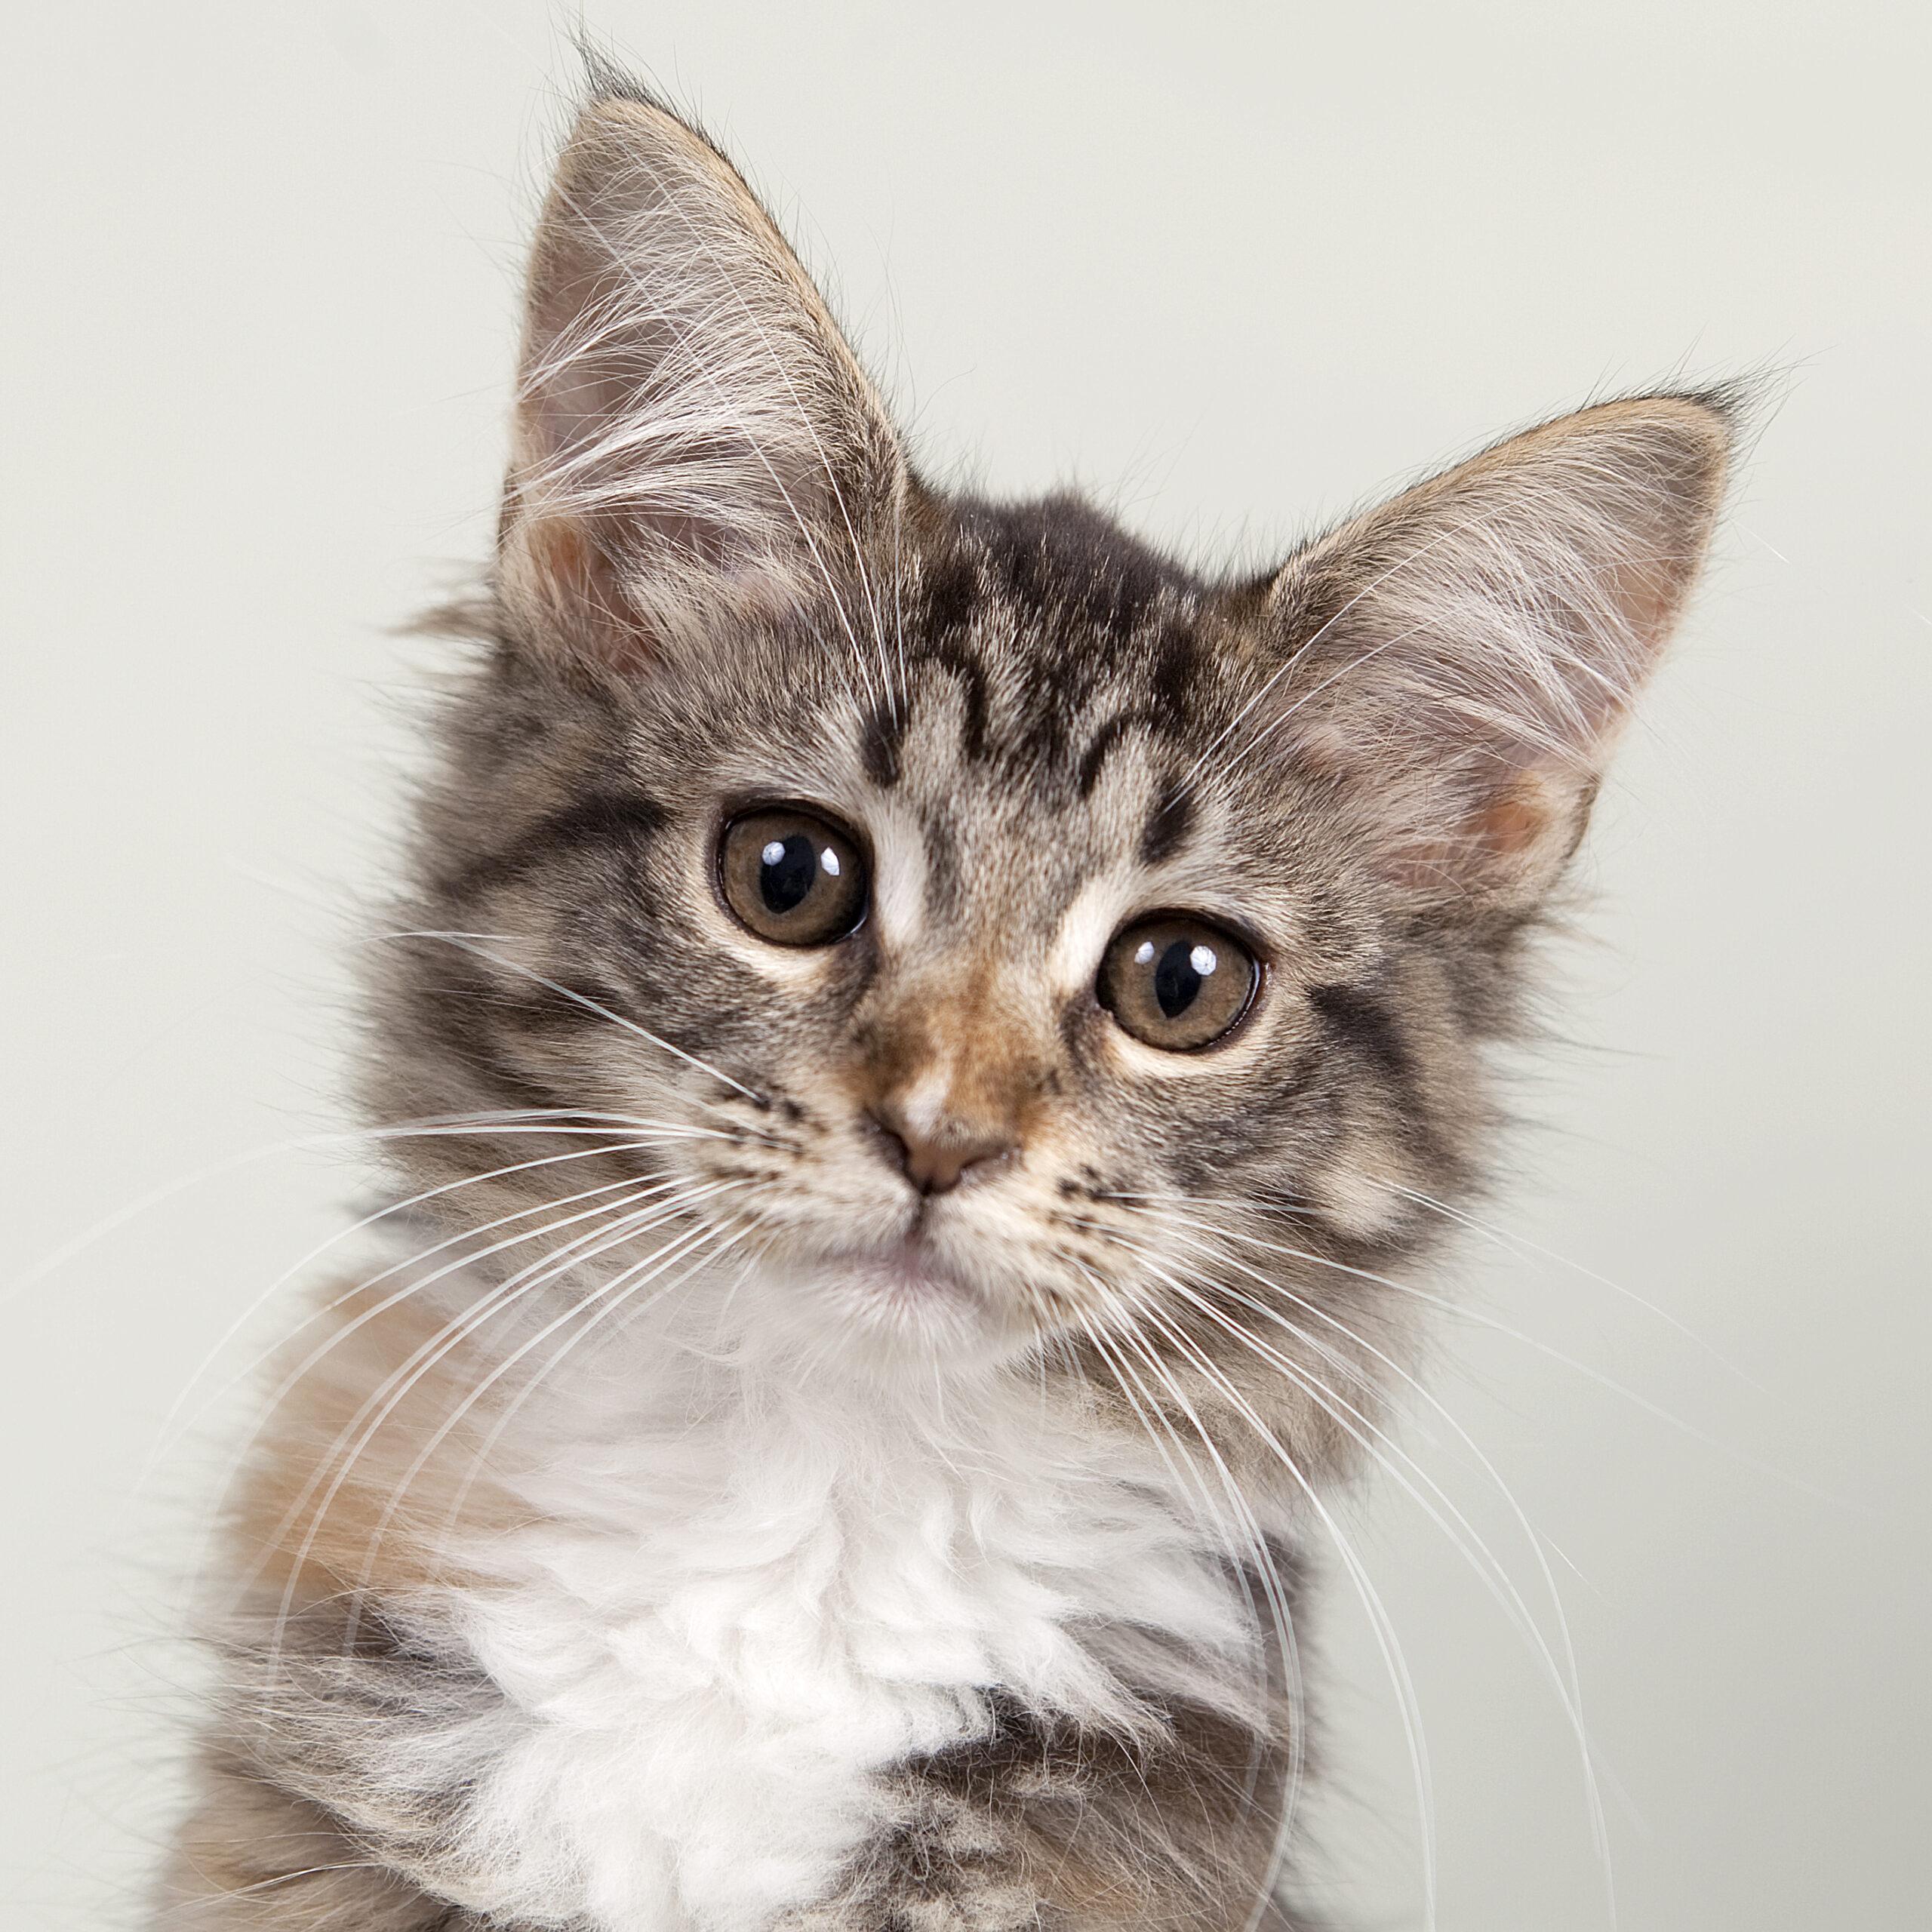 Bij Foto di Vita zijn alle dieren welkom, van honden, katten en konijnen tot paarden, reptielen en vogels.